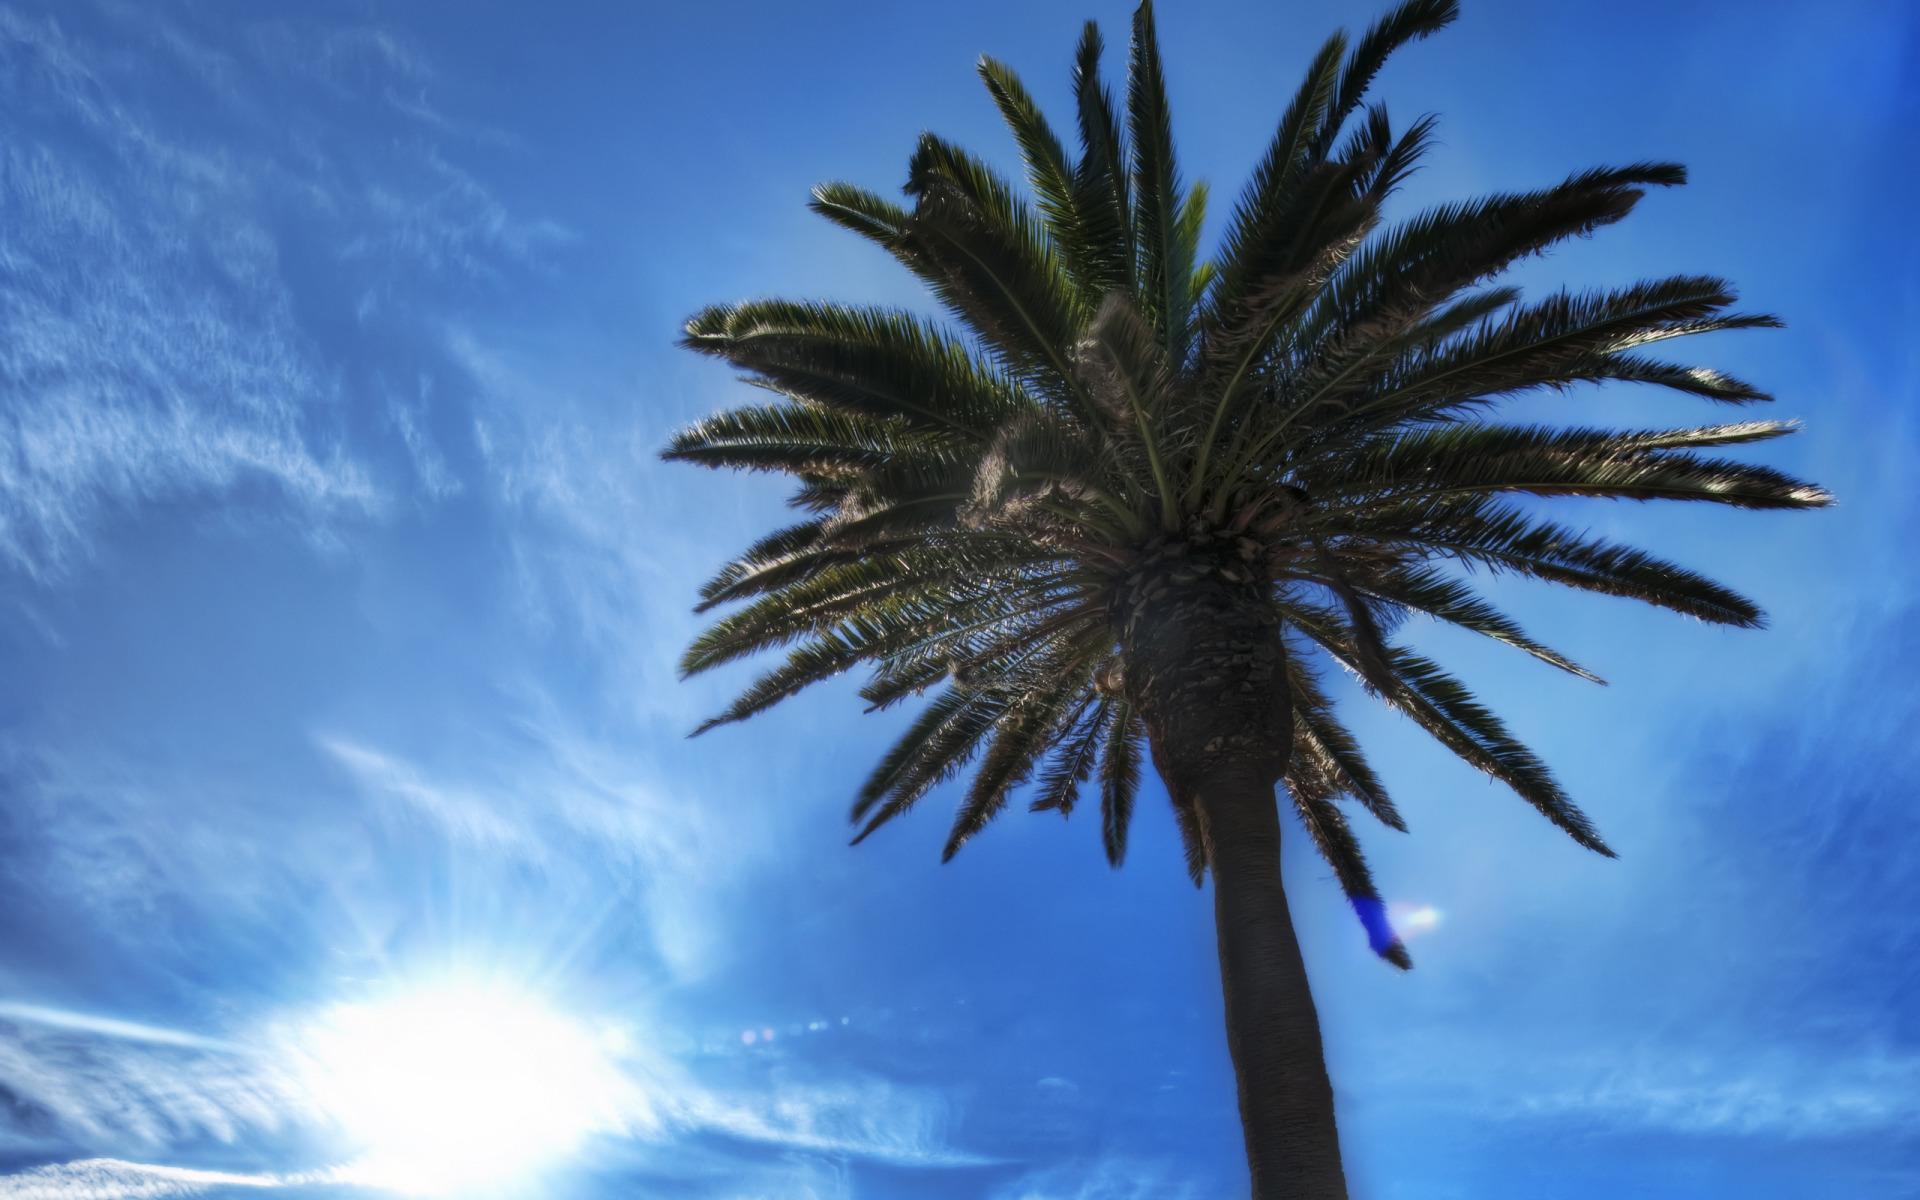 картинка пальмы и солнца милей важно, забыли фотокамеру